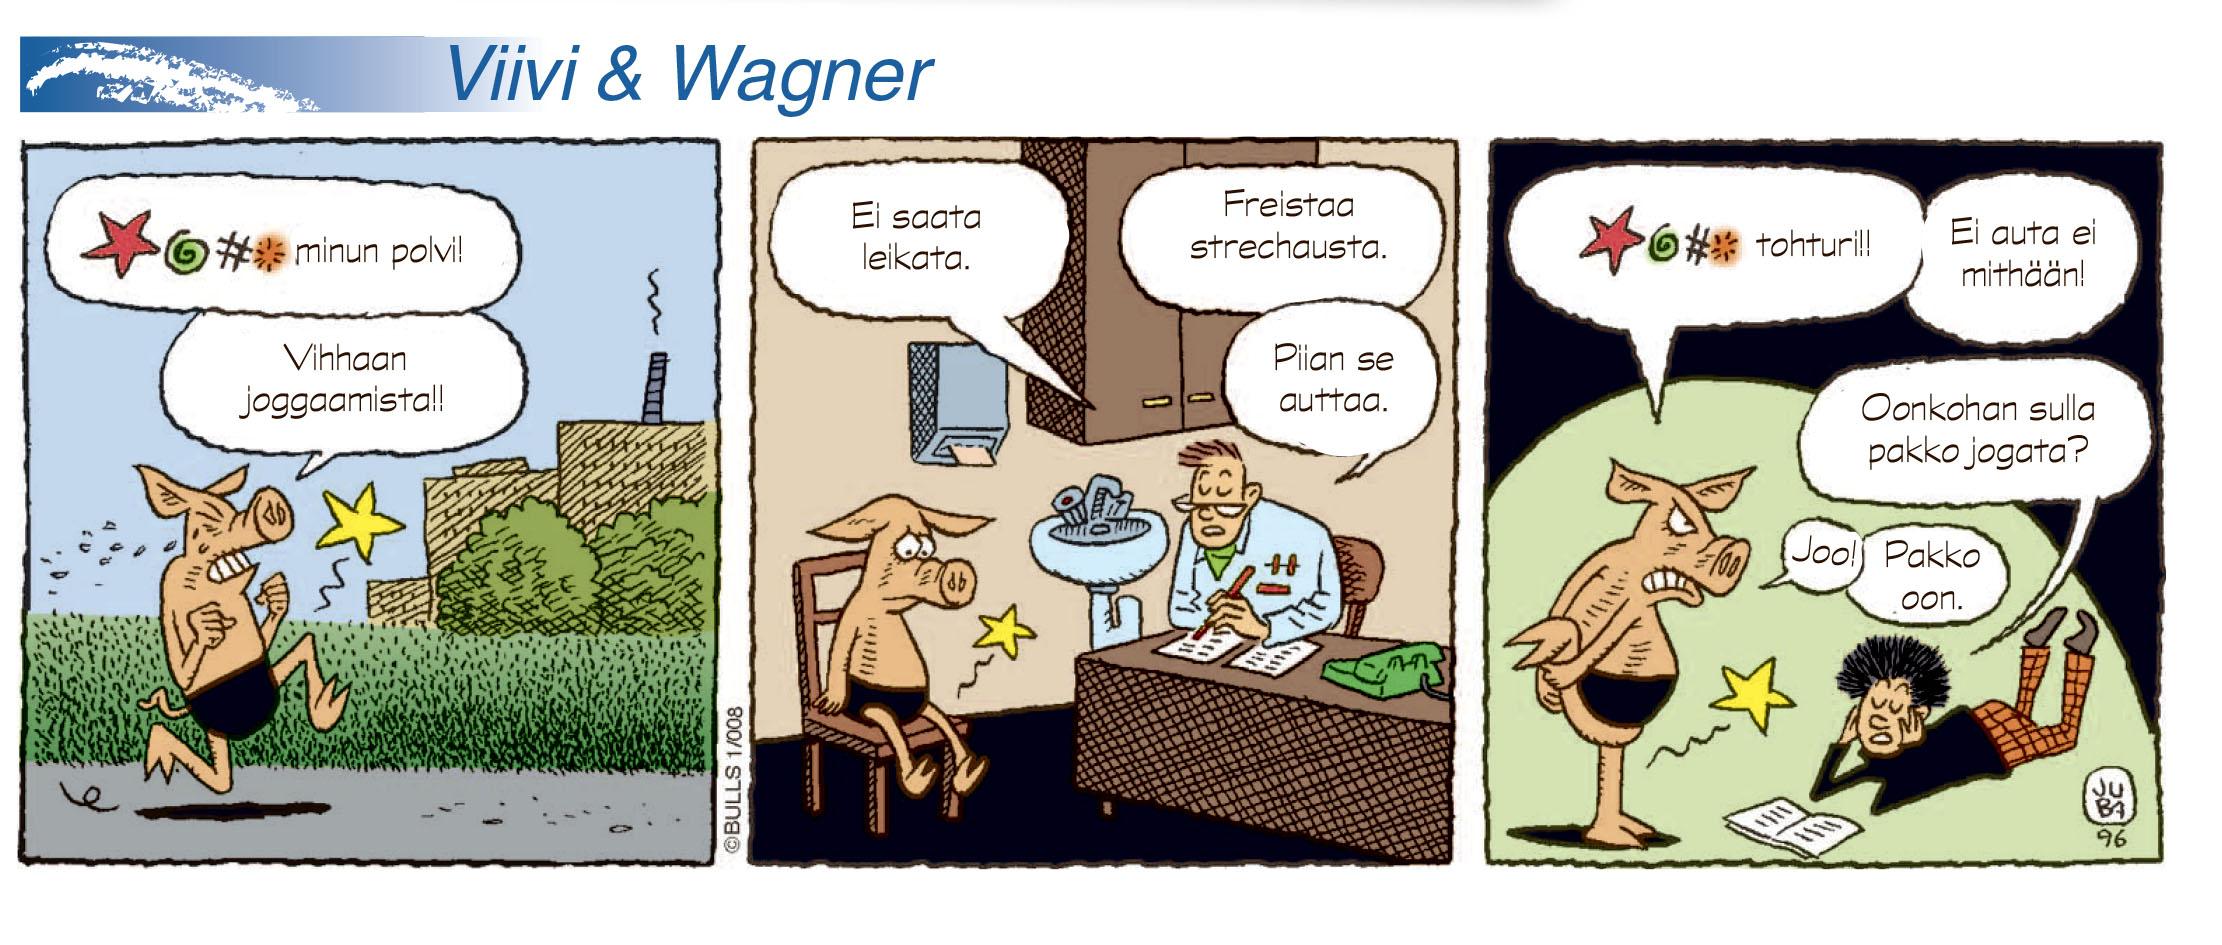 Viivi & Wagner (nr 8 – 2012)